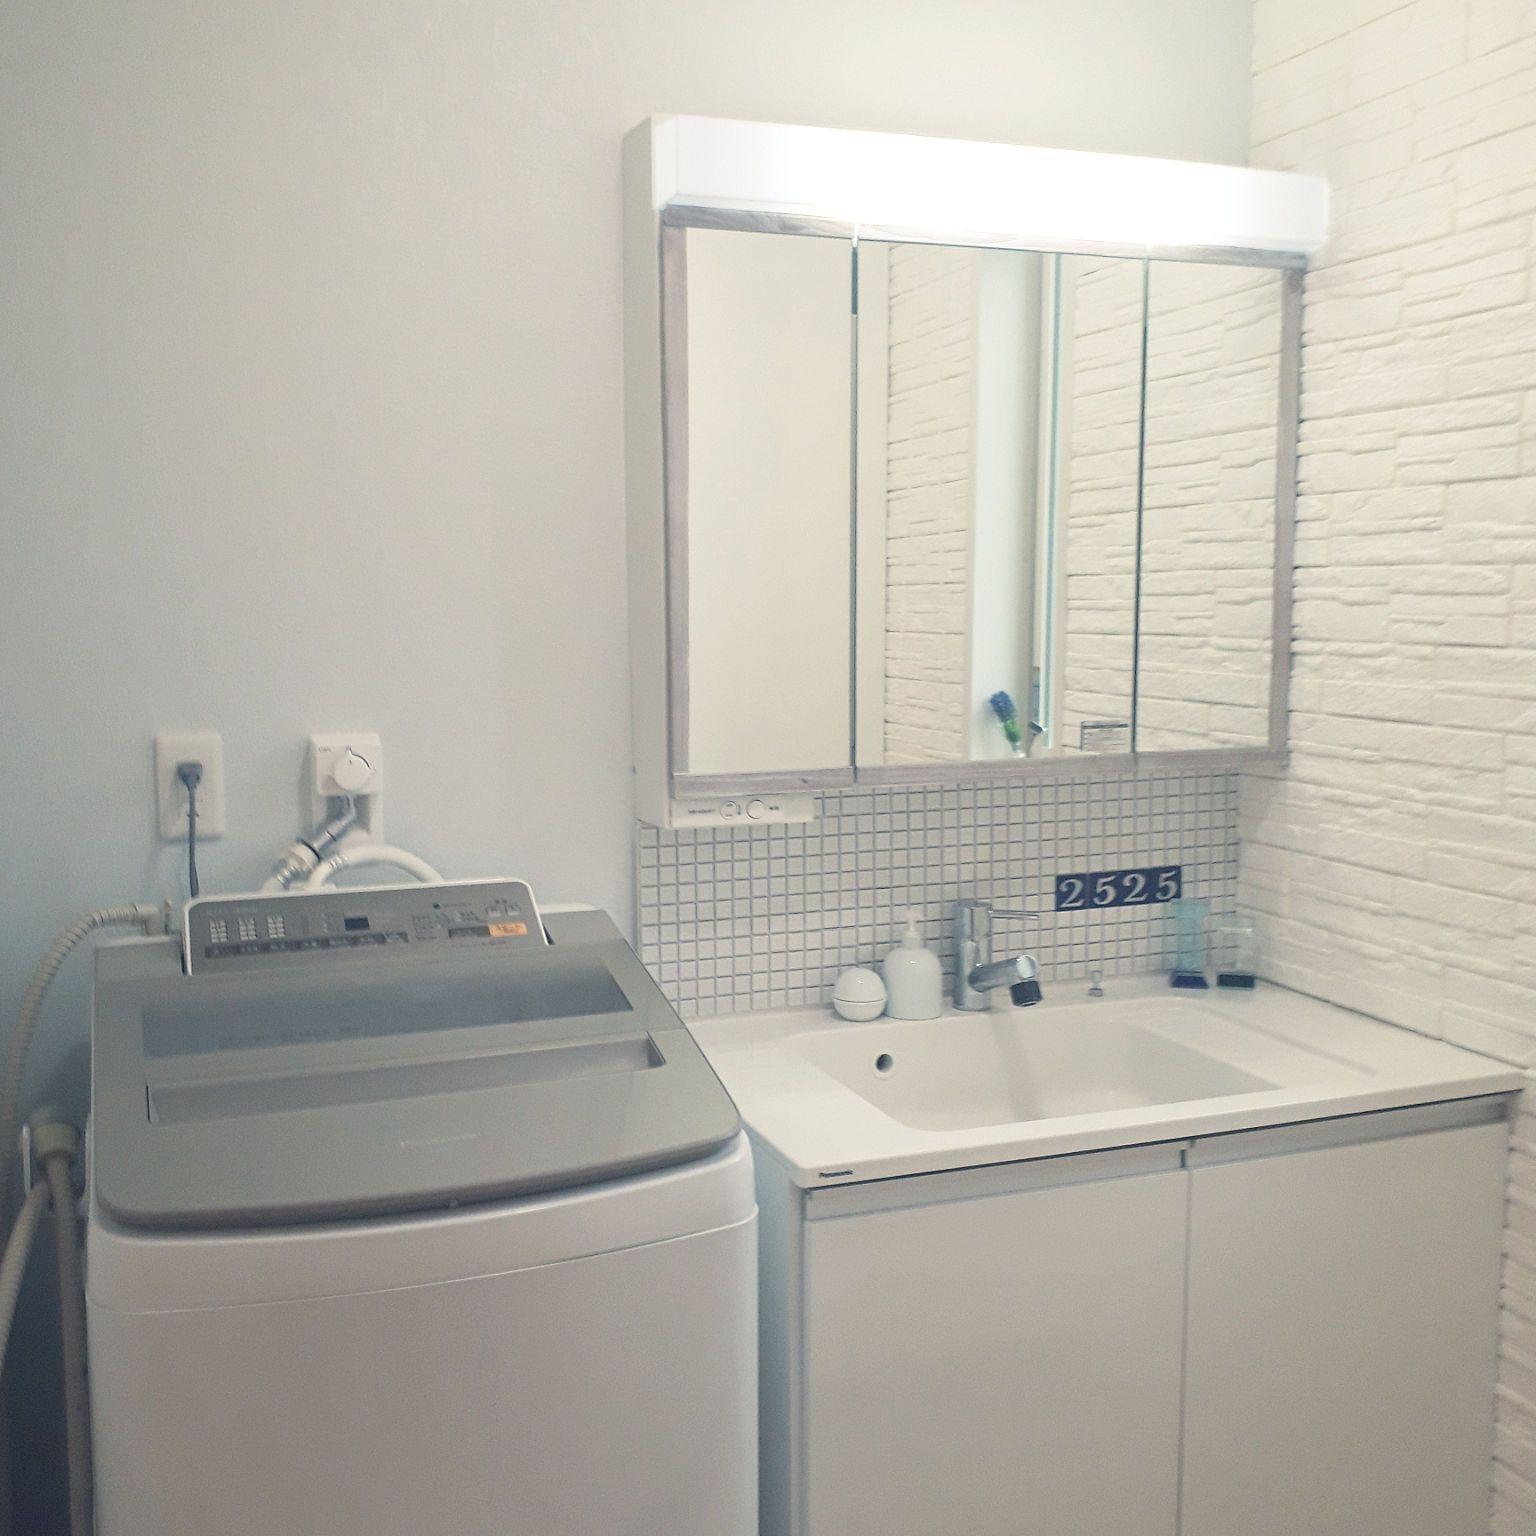 バス トイレ セキスイハイム Panasonic洗面台 Panasonic洗濯機 カメラ